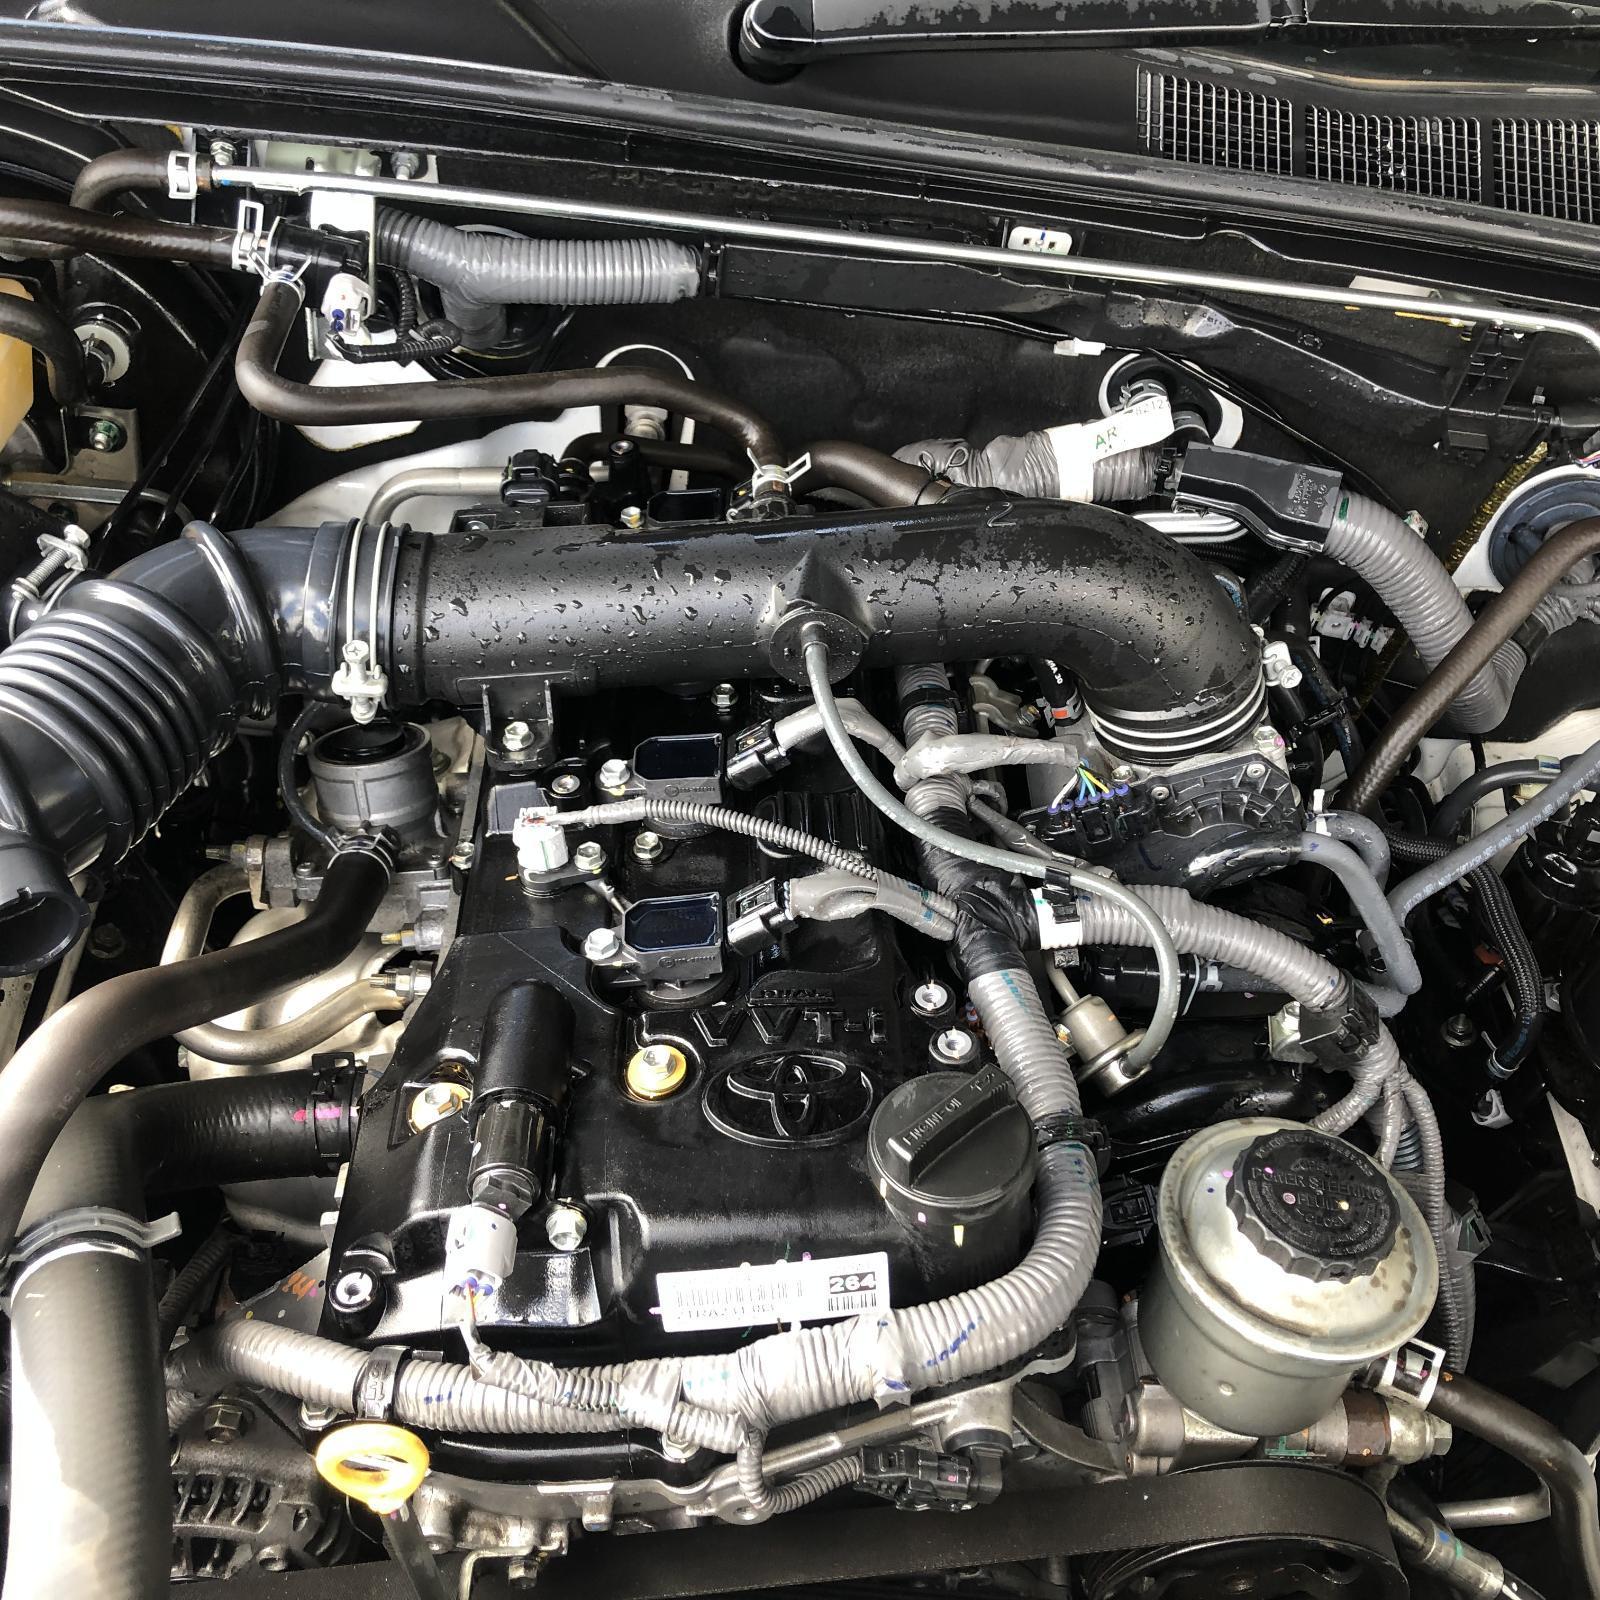 TOYOTA HILUX, Engine, PETROL, 2.7, 2TR-FE, 09/15-